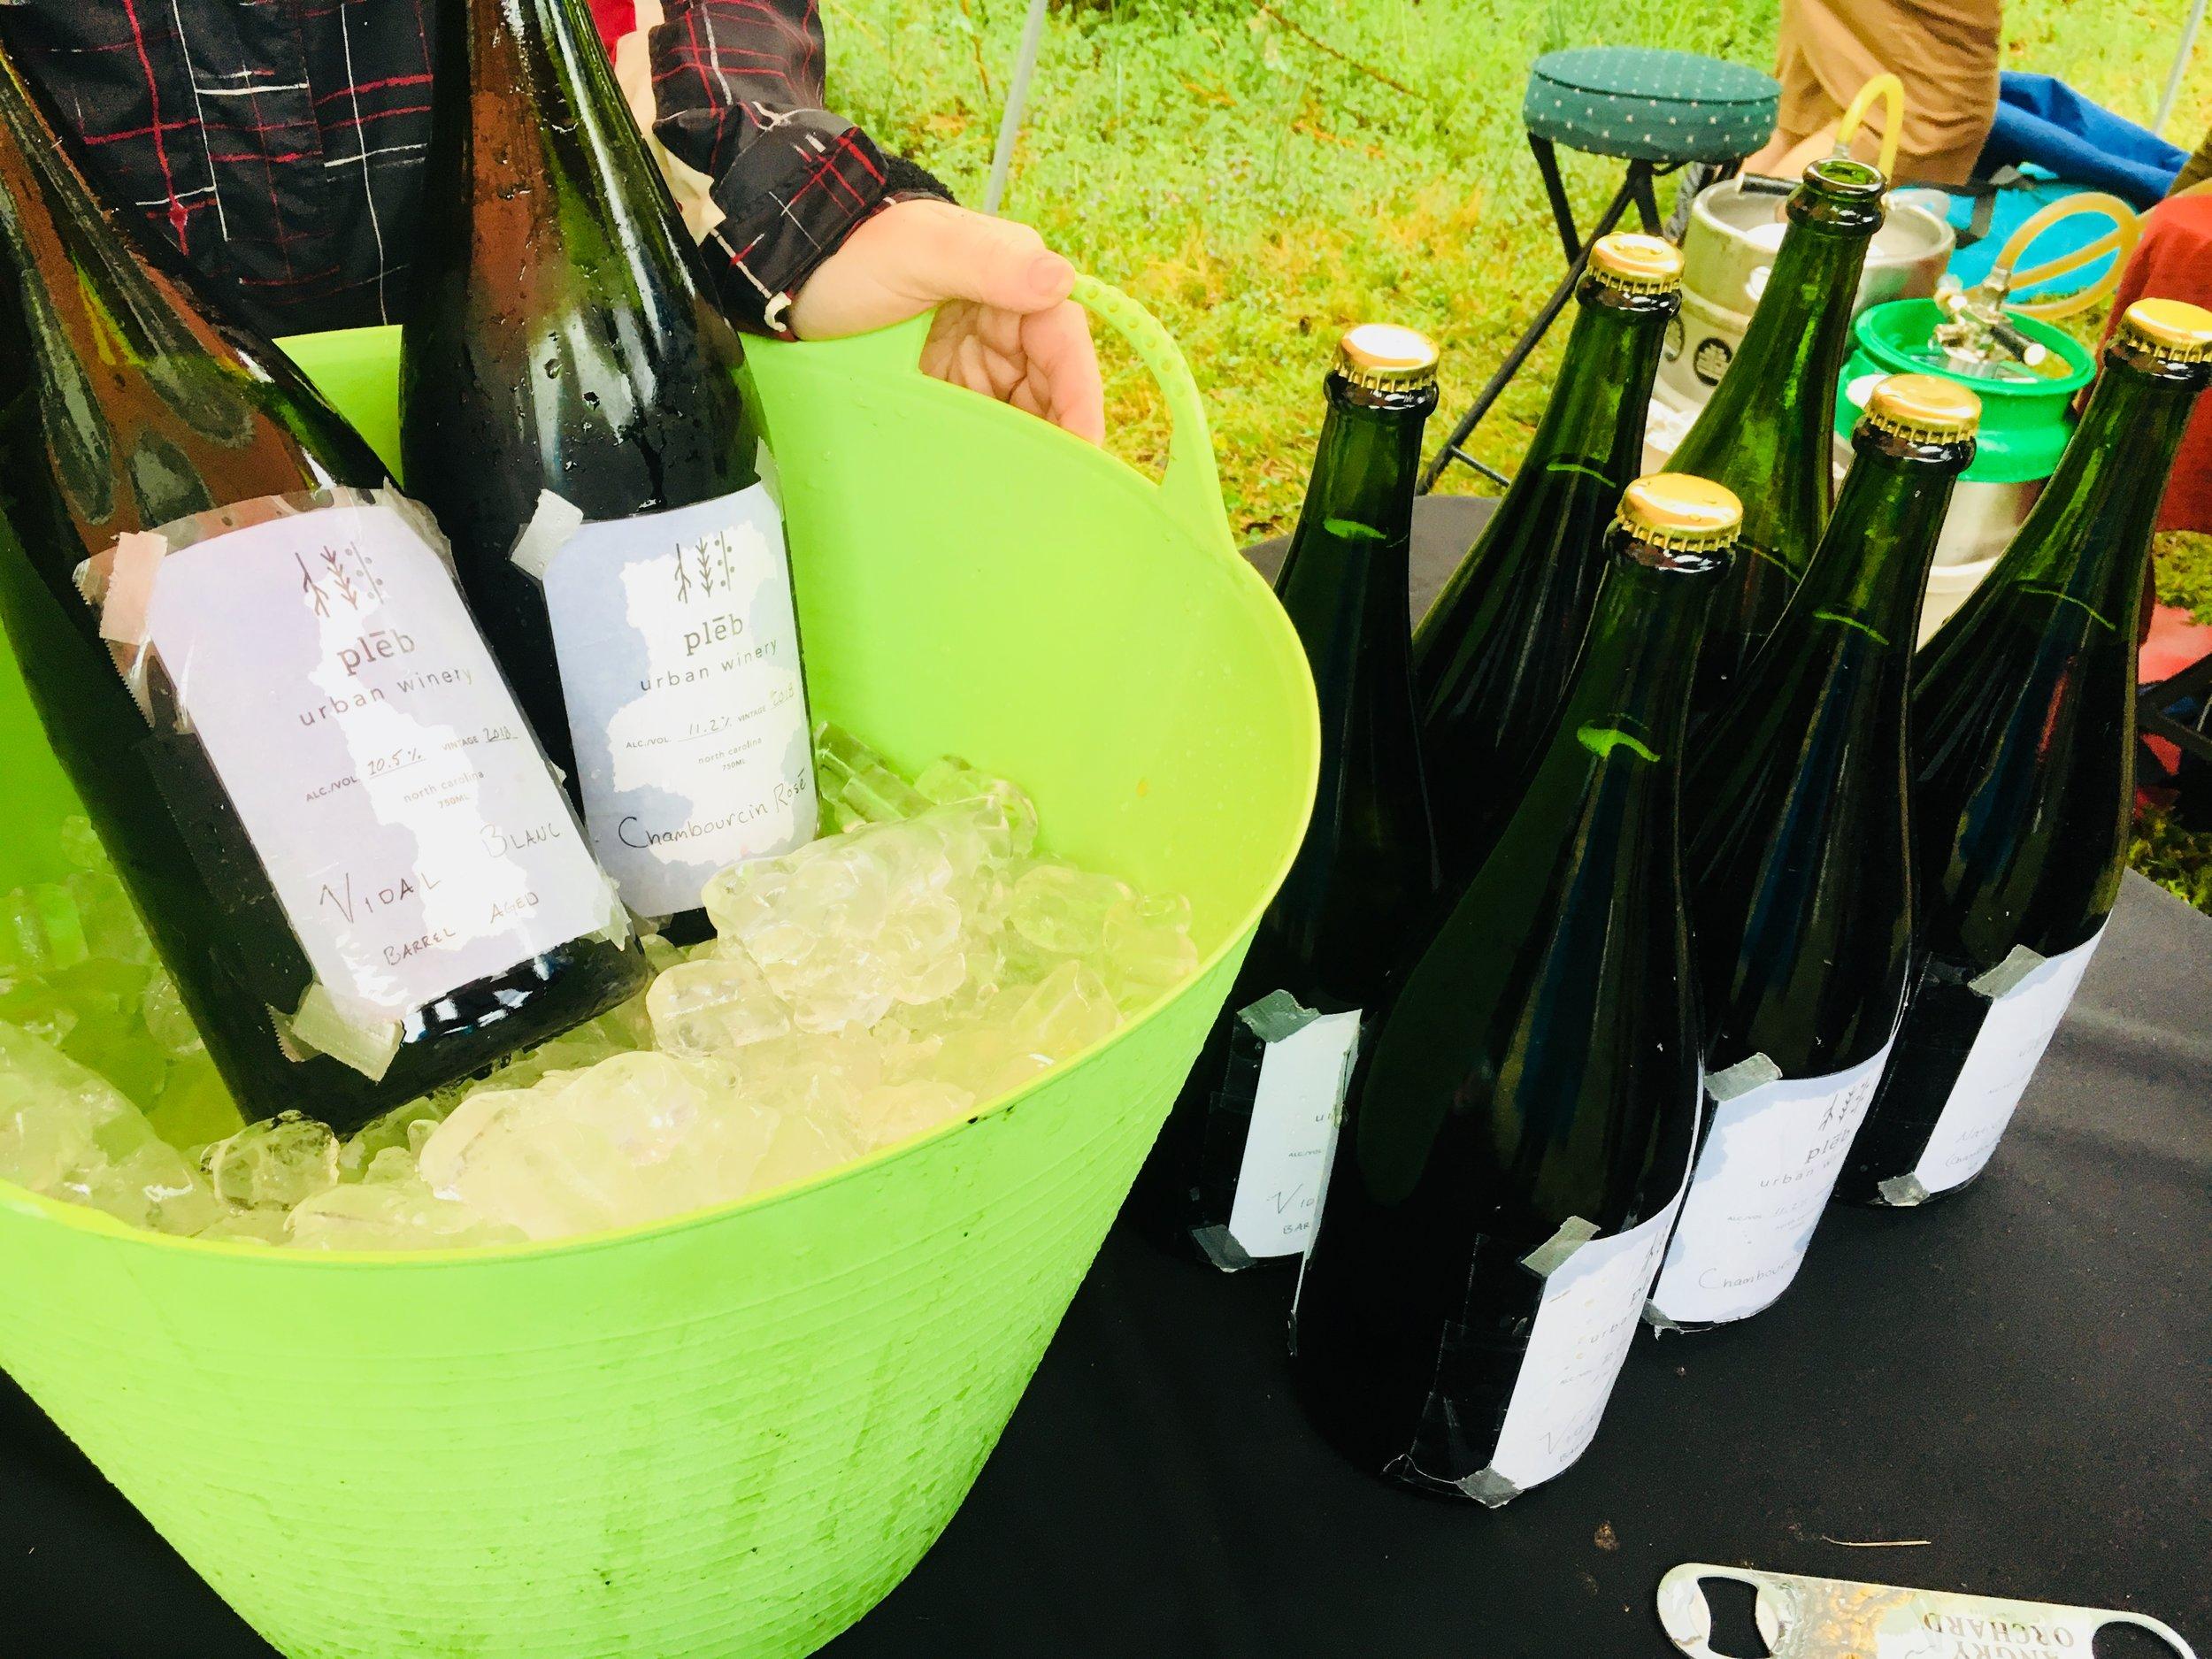 Pleb Urban Winery